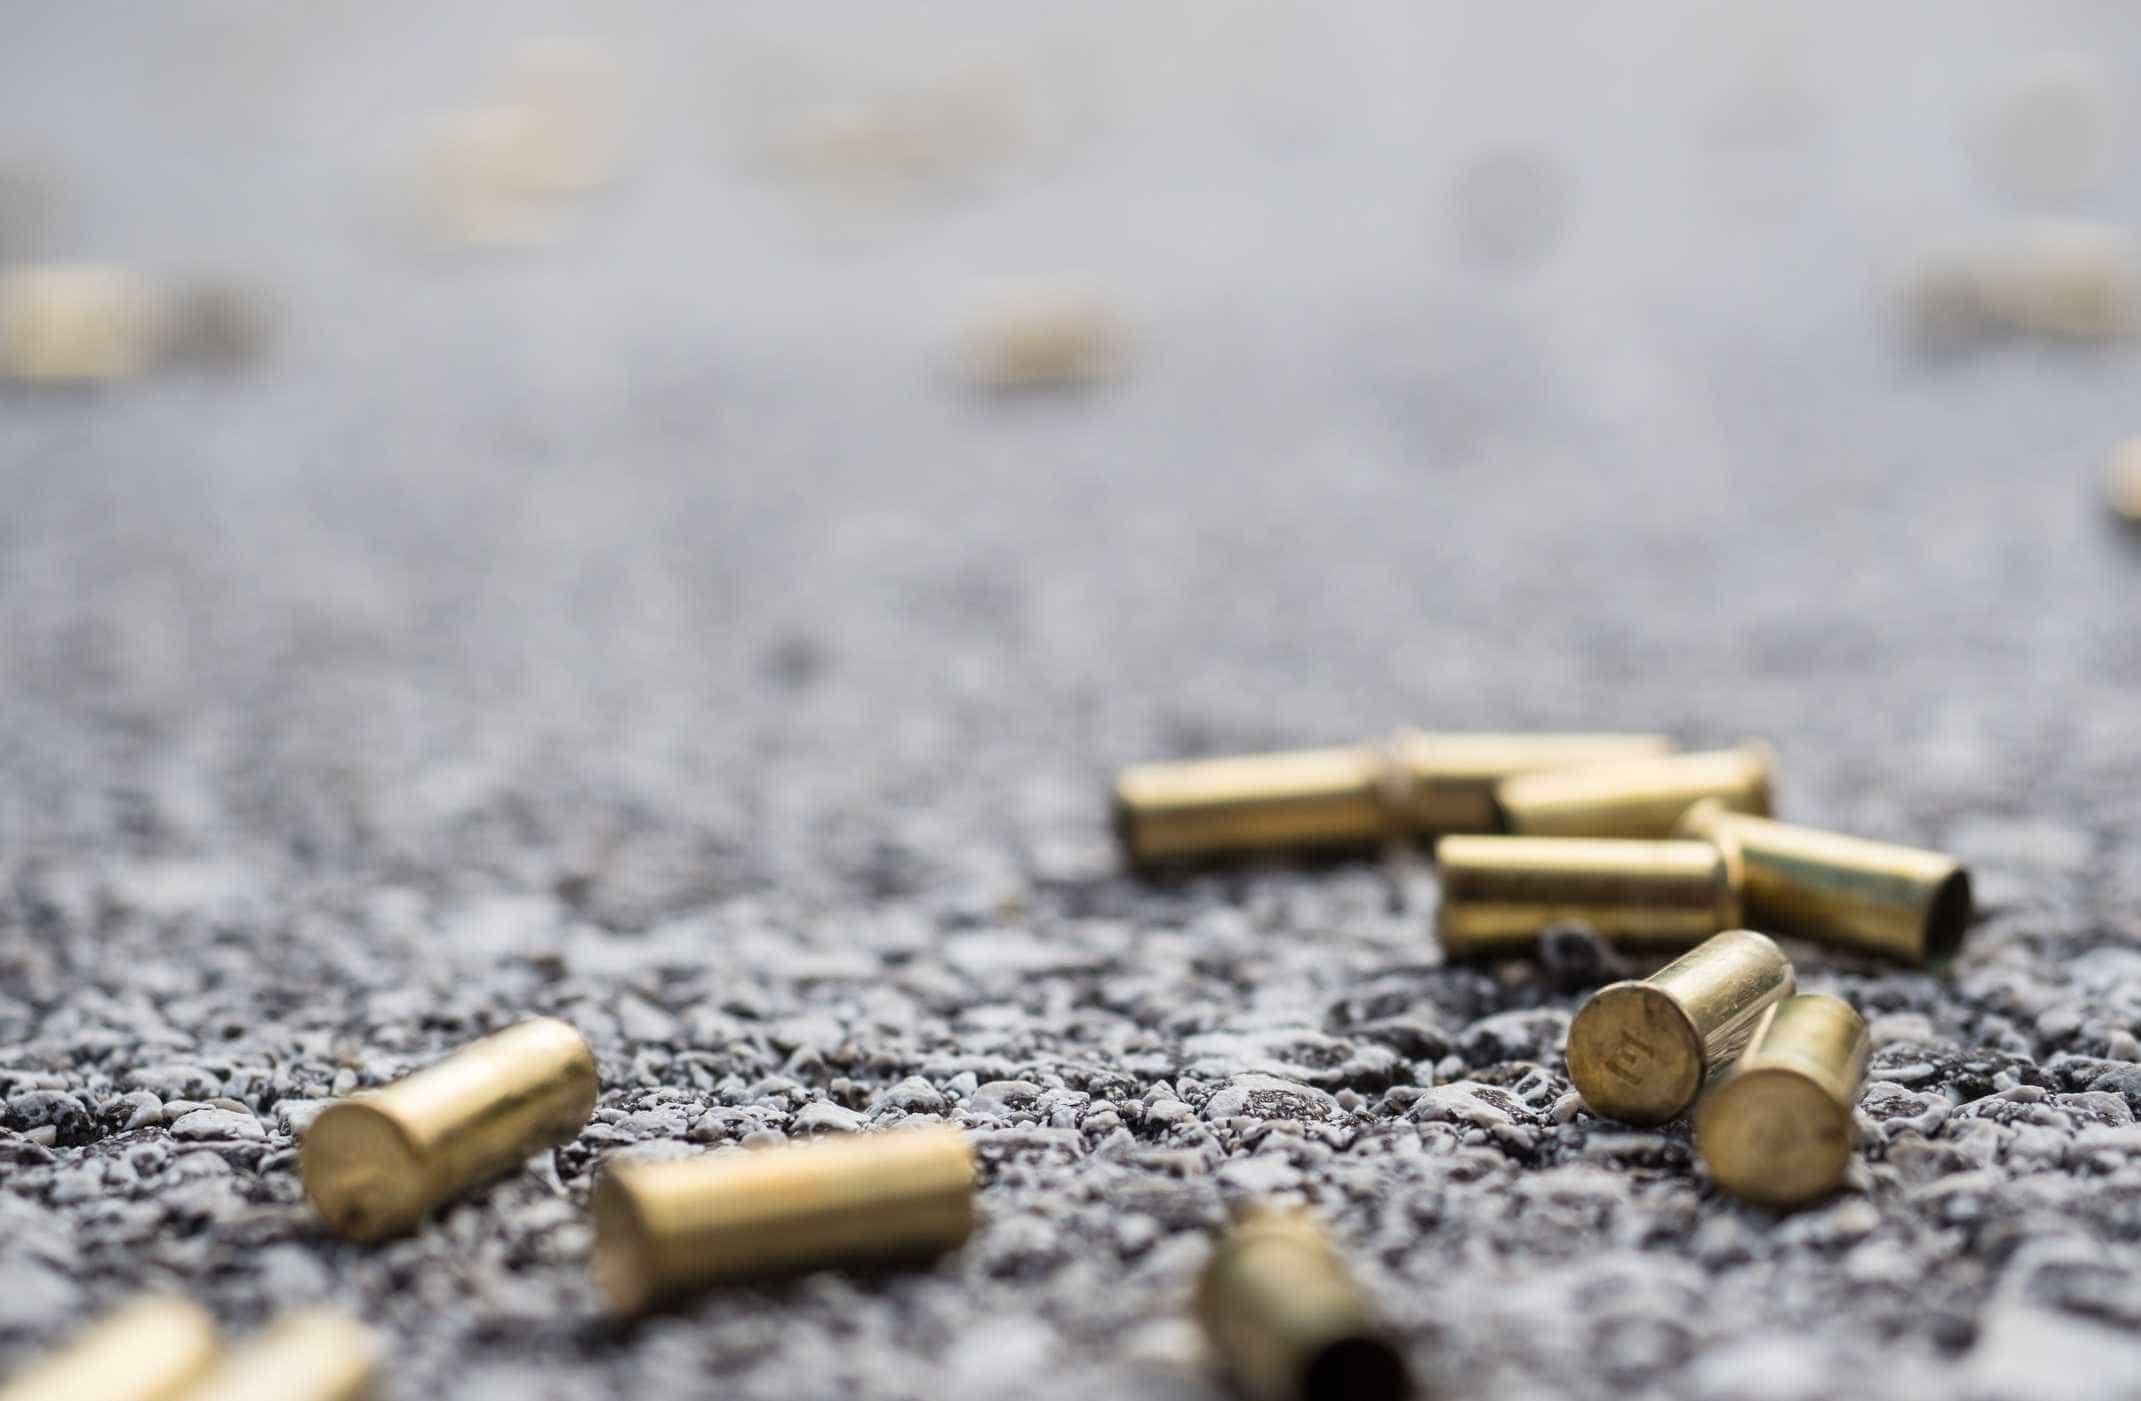 Cenário de horror: vídeo mostra corpos pelo chão após ataque em escola